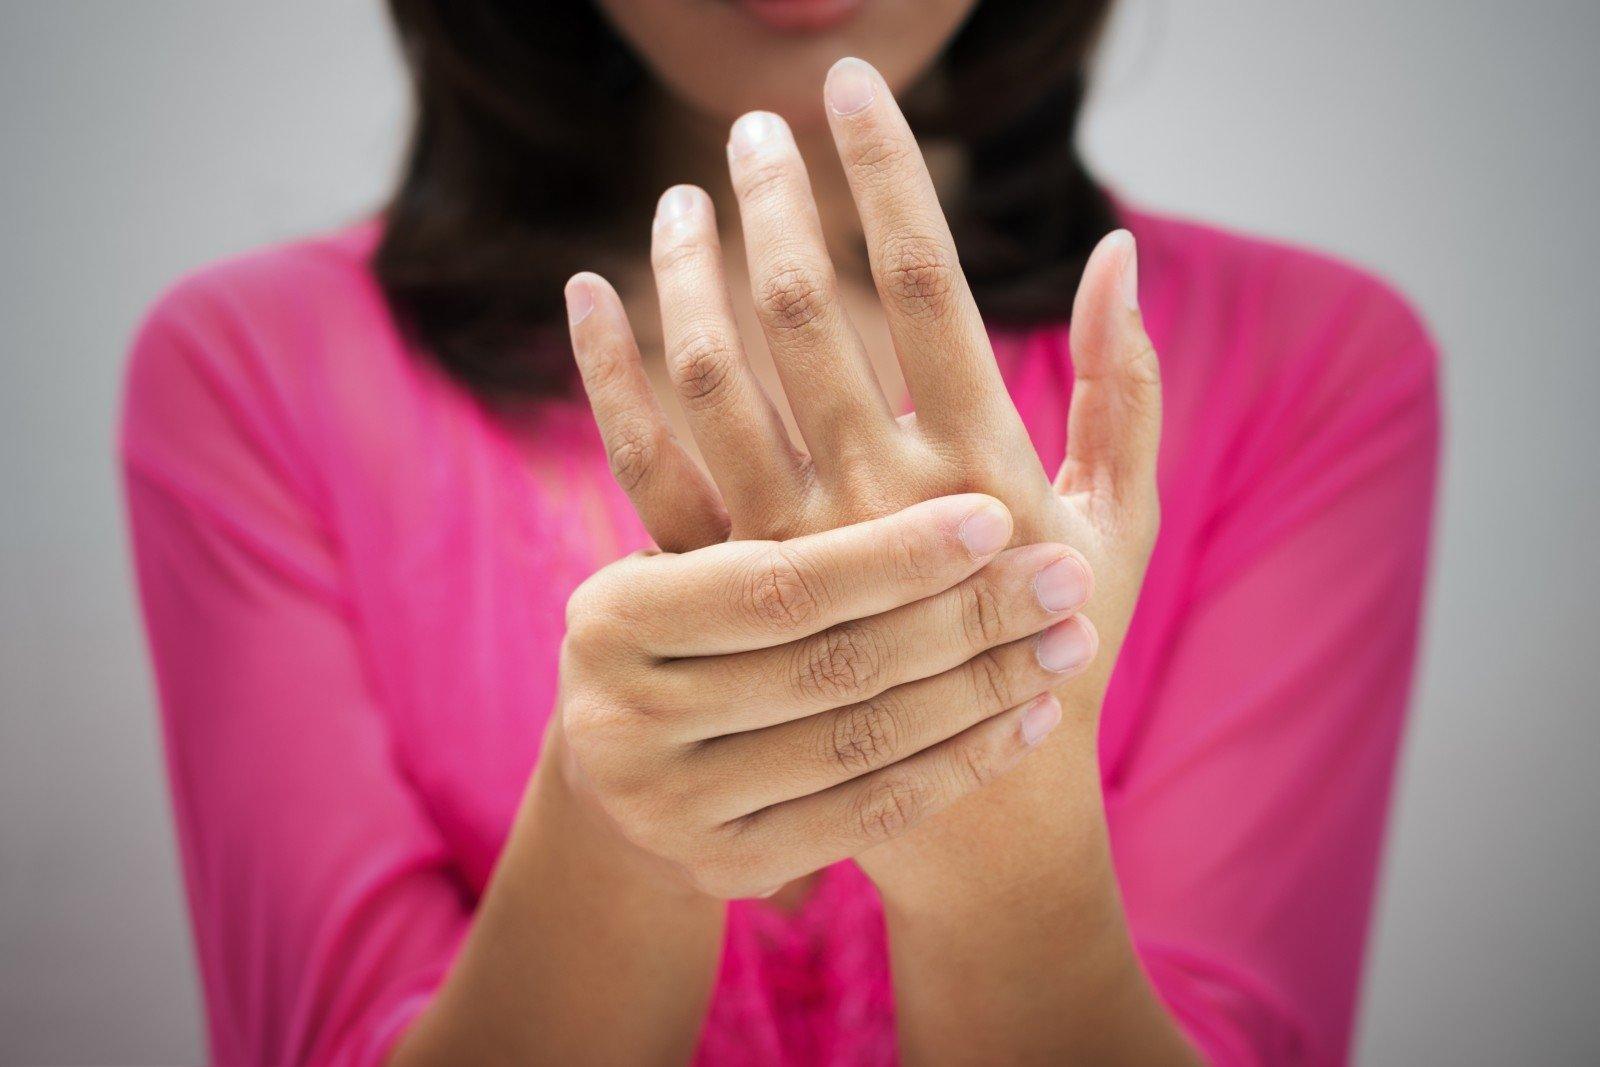 rankų pirštų sąnariai skauda kai lankstymo mazi nuo peties osteochondrozės